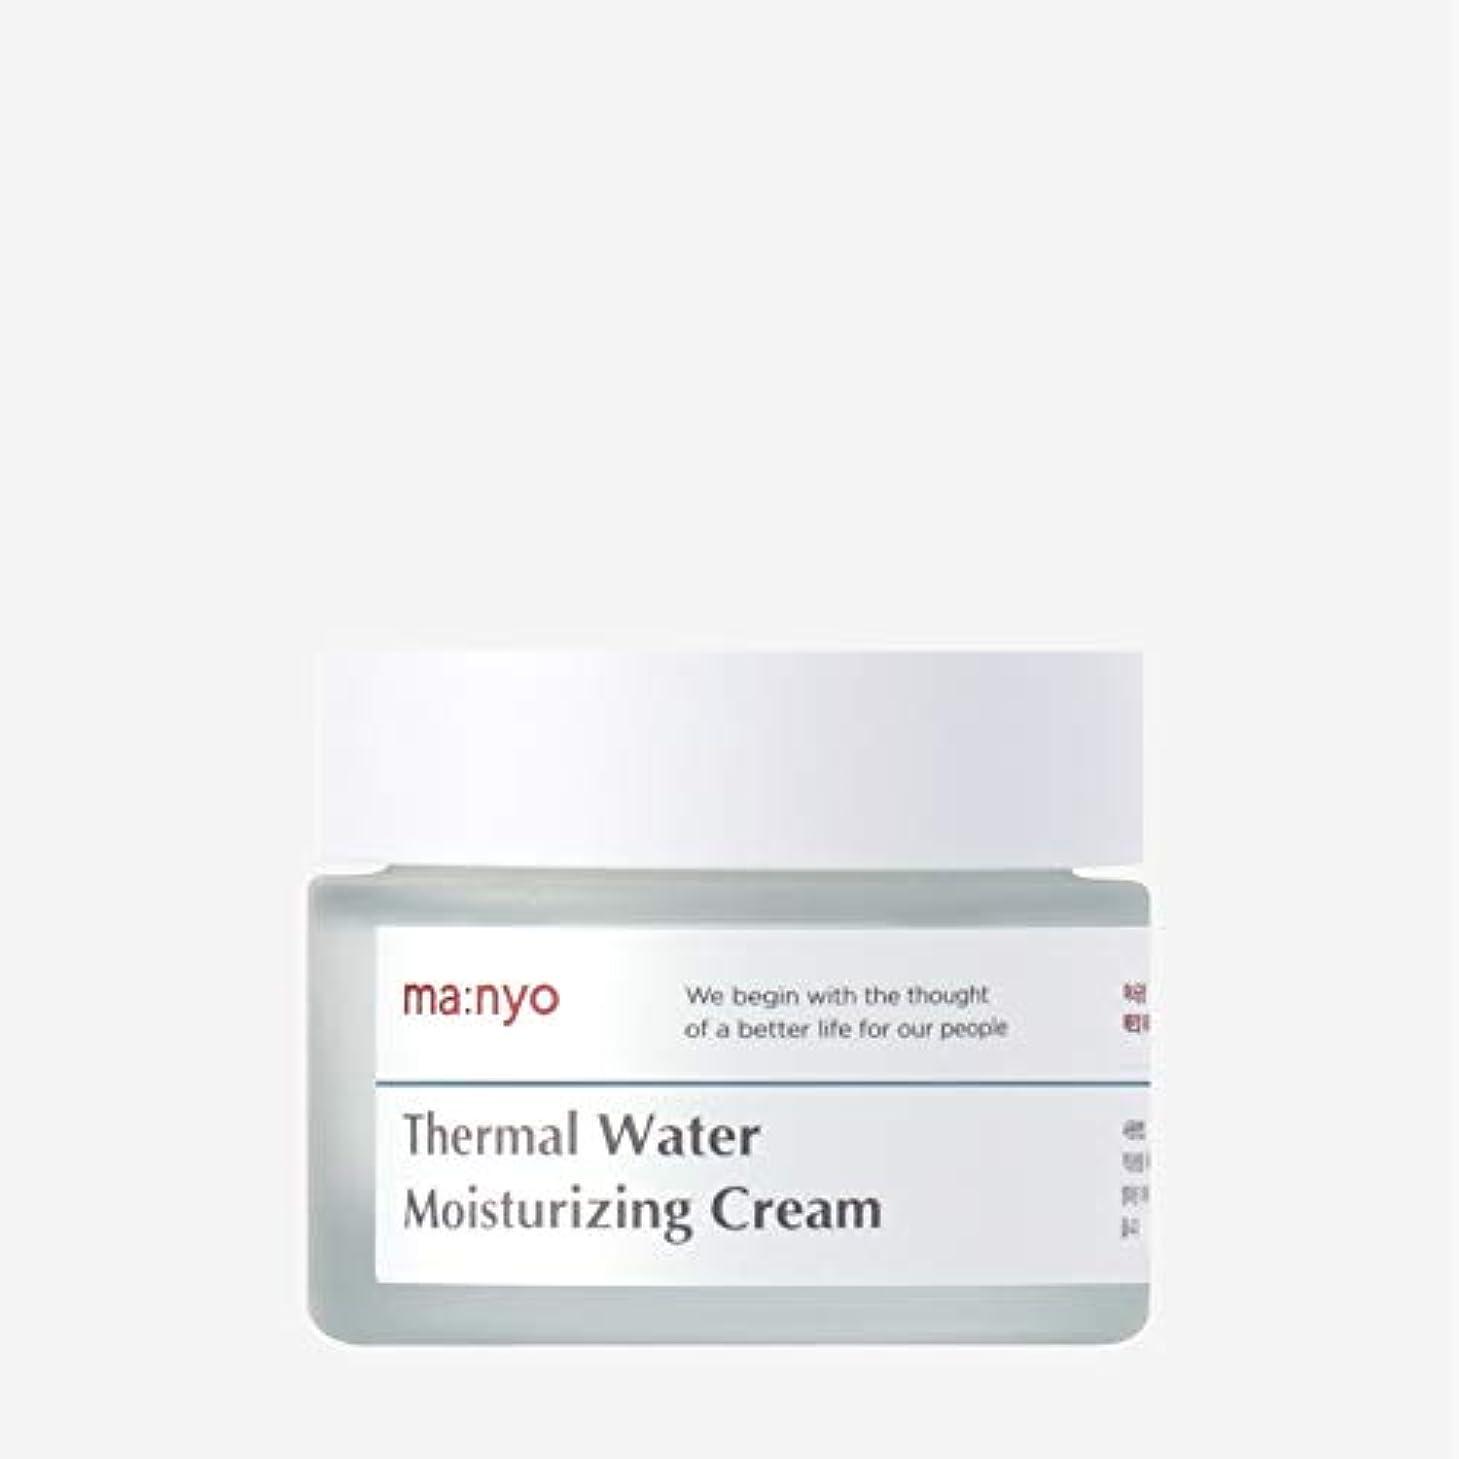 任意フィードサーキュレーション魔女工場(Manyo Factory) 温泉水ミネラルクリーム 50ml / 天然ミネラル、チェコ温泉水67%で保湿補充